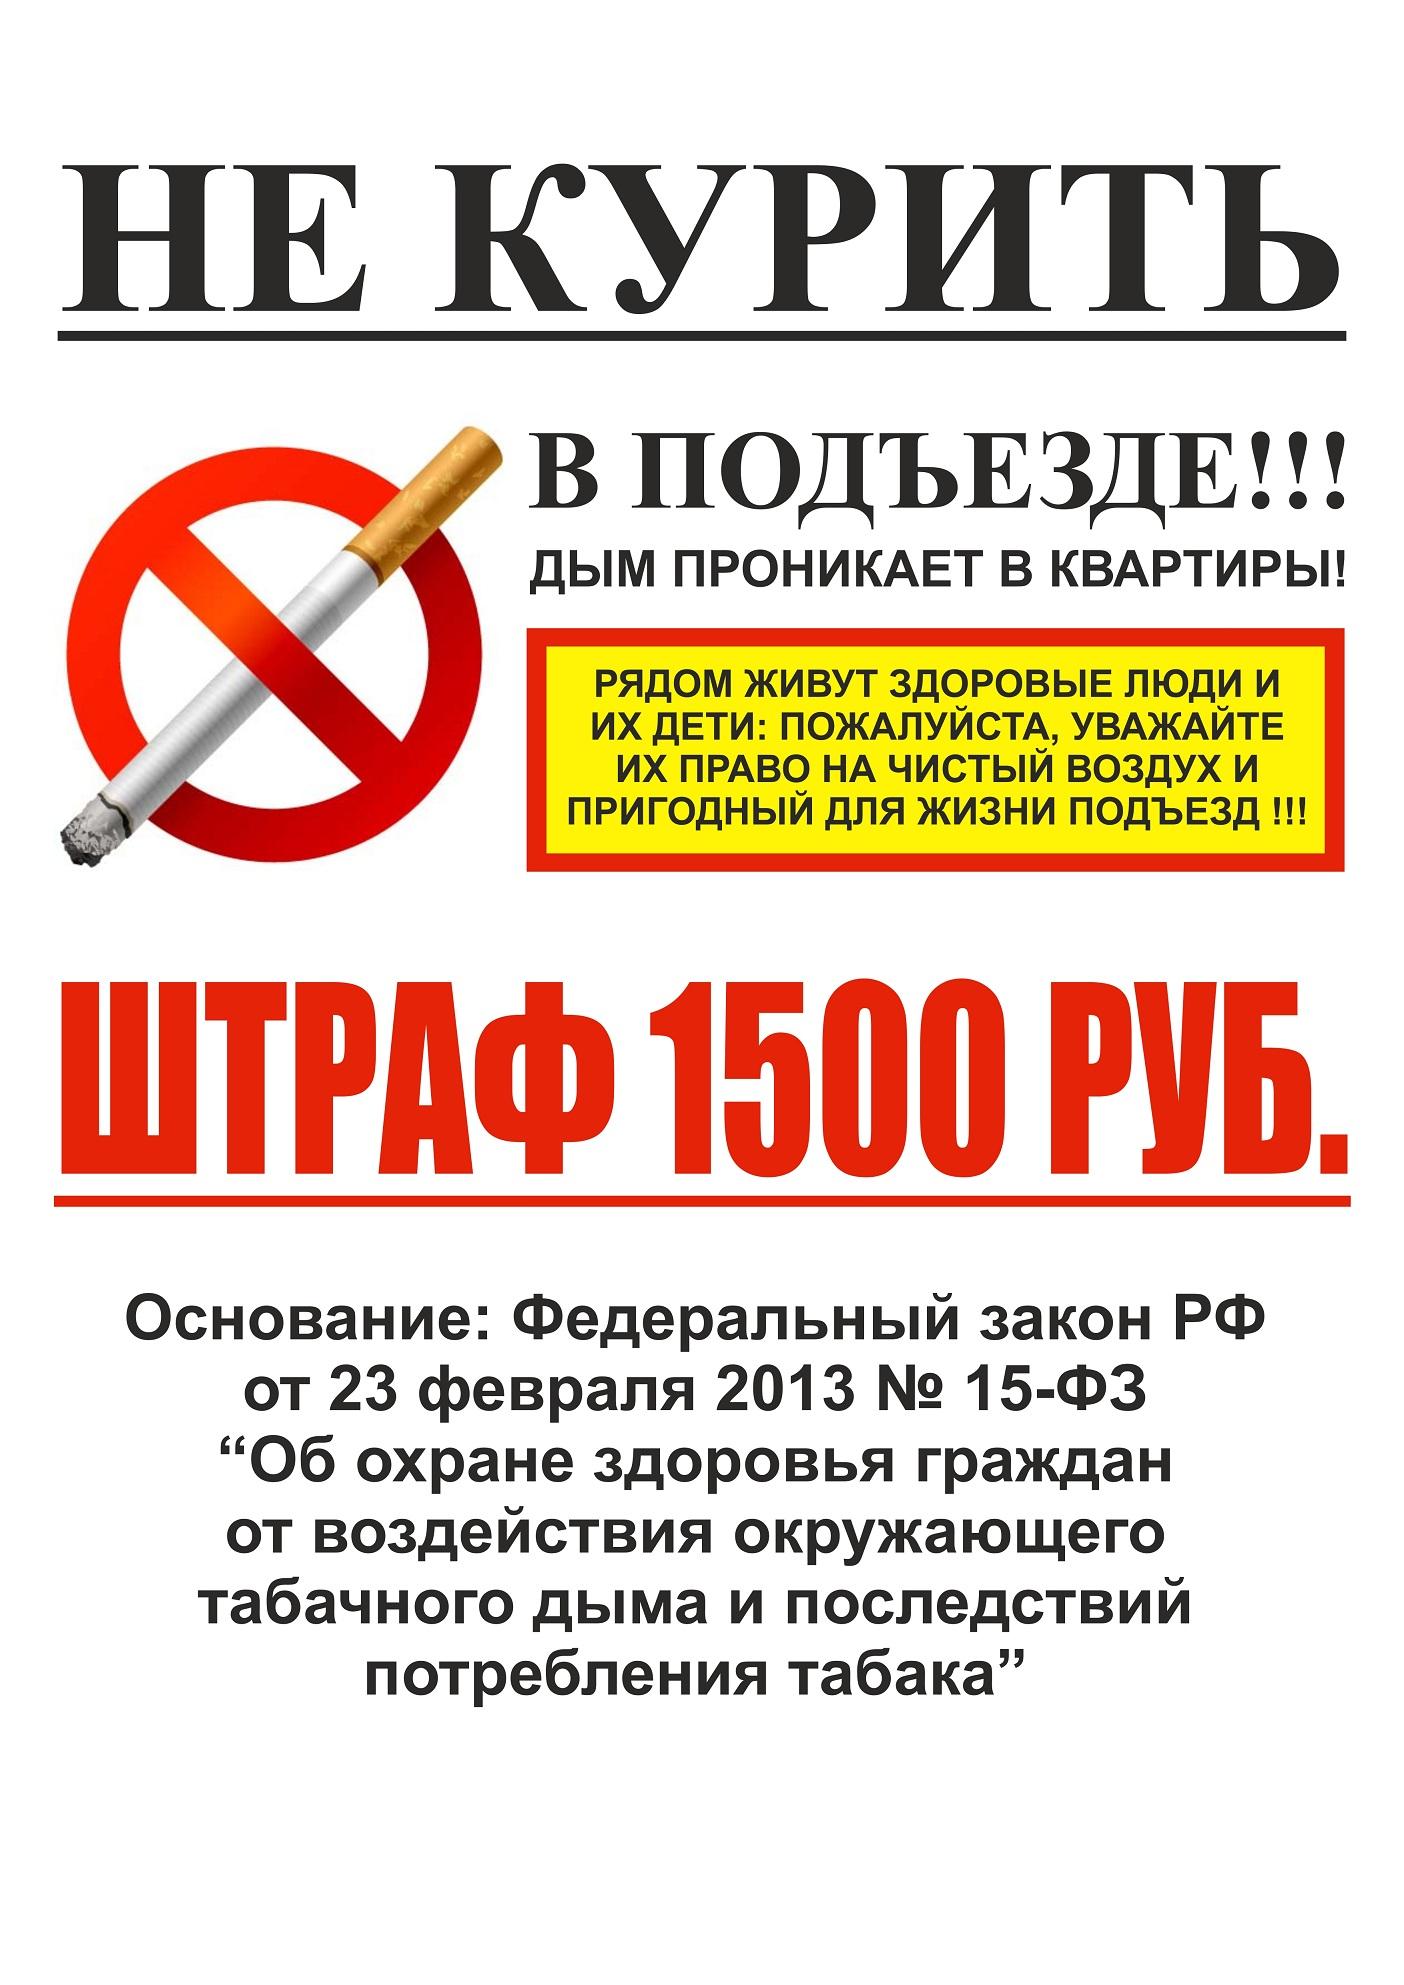 объявления картинки против курения в общественных местах время